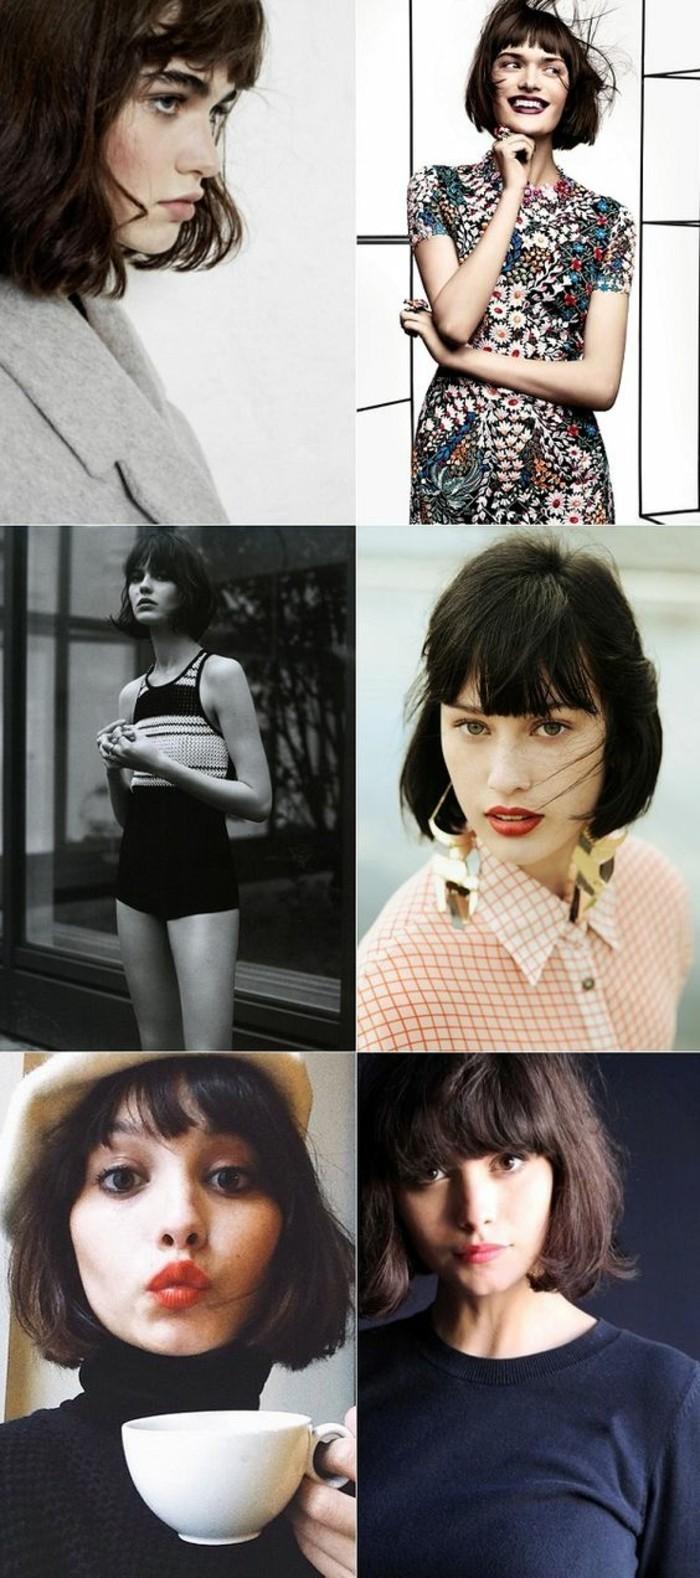 coupe-au-carré-modèles-classique-coupes-de-cheveux-courtes